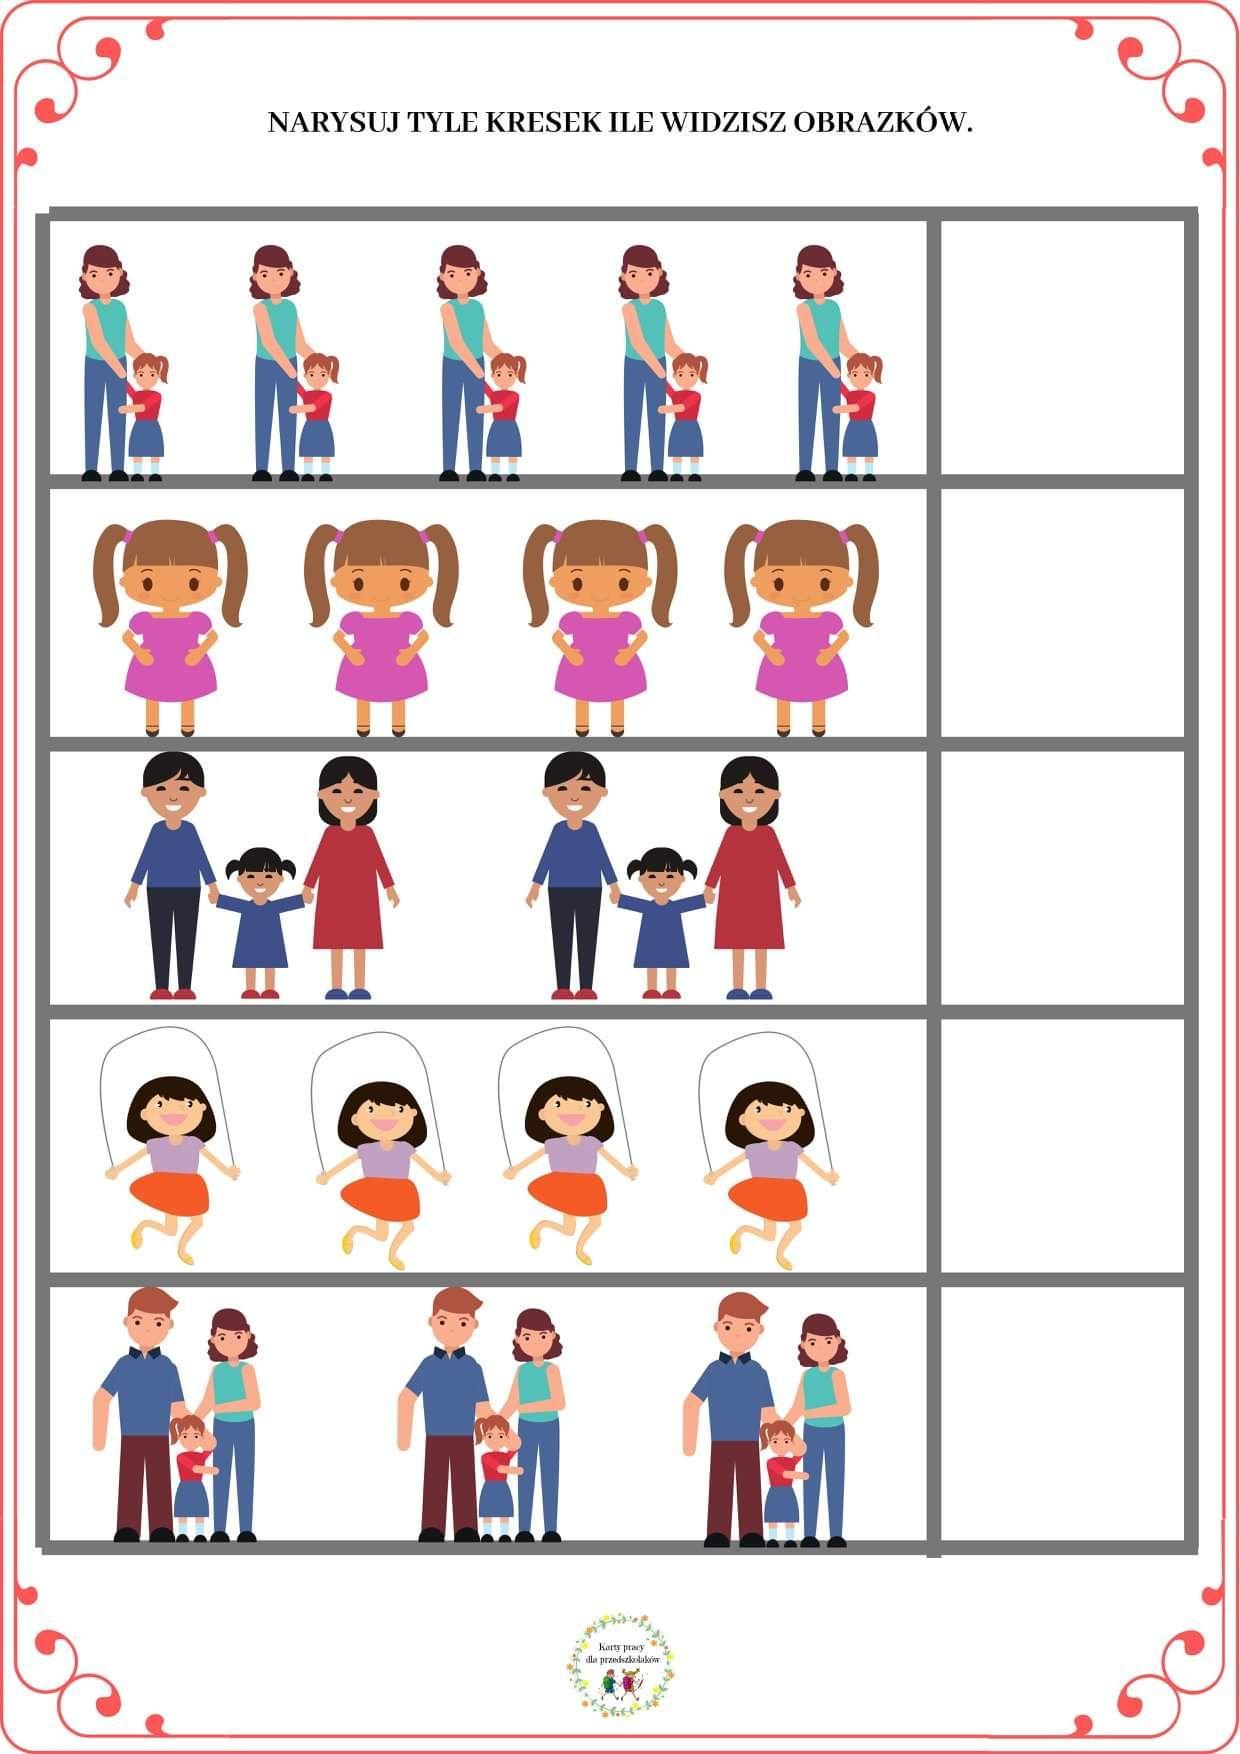 Pin By Linka 91 On Emocje Zachowanie Emotions Behavior Zdrowie In 2020 Math Counting Education Math